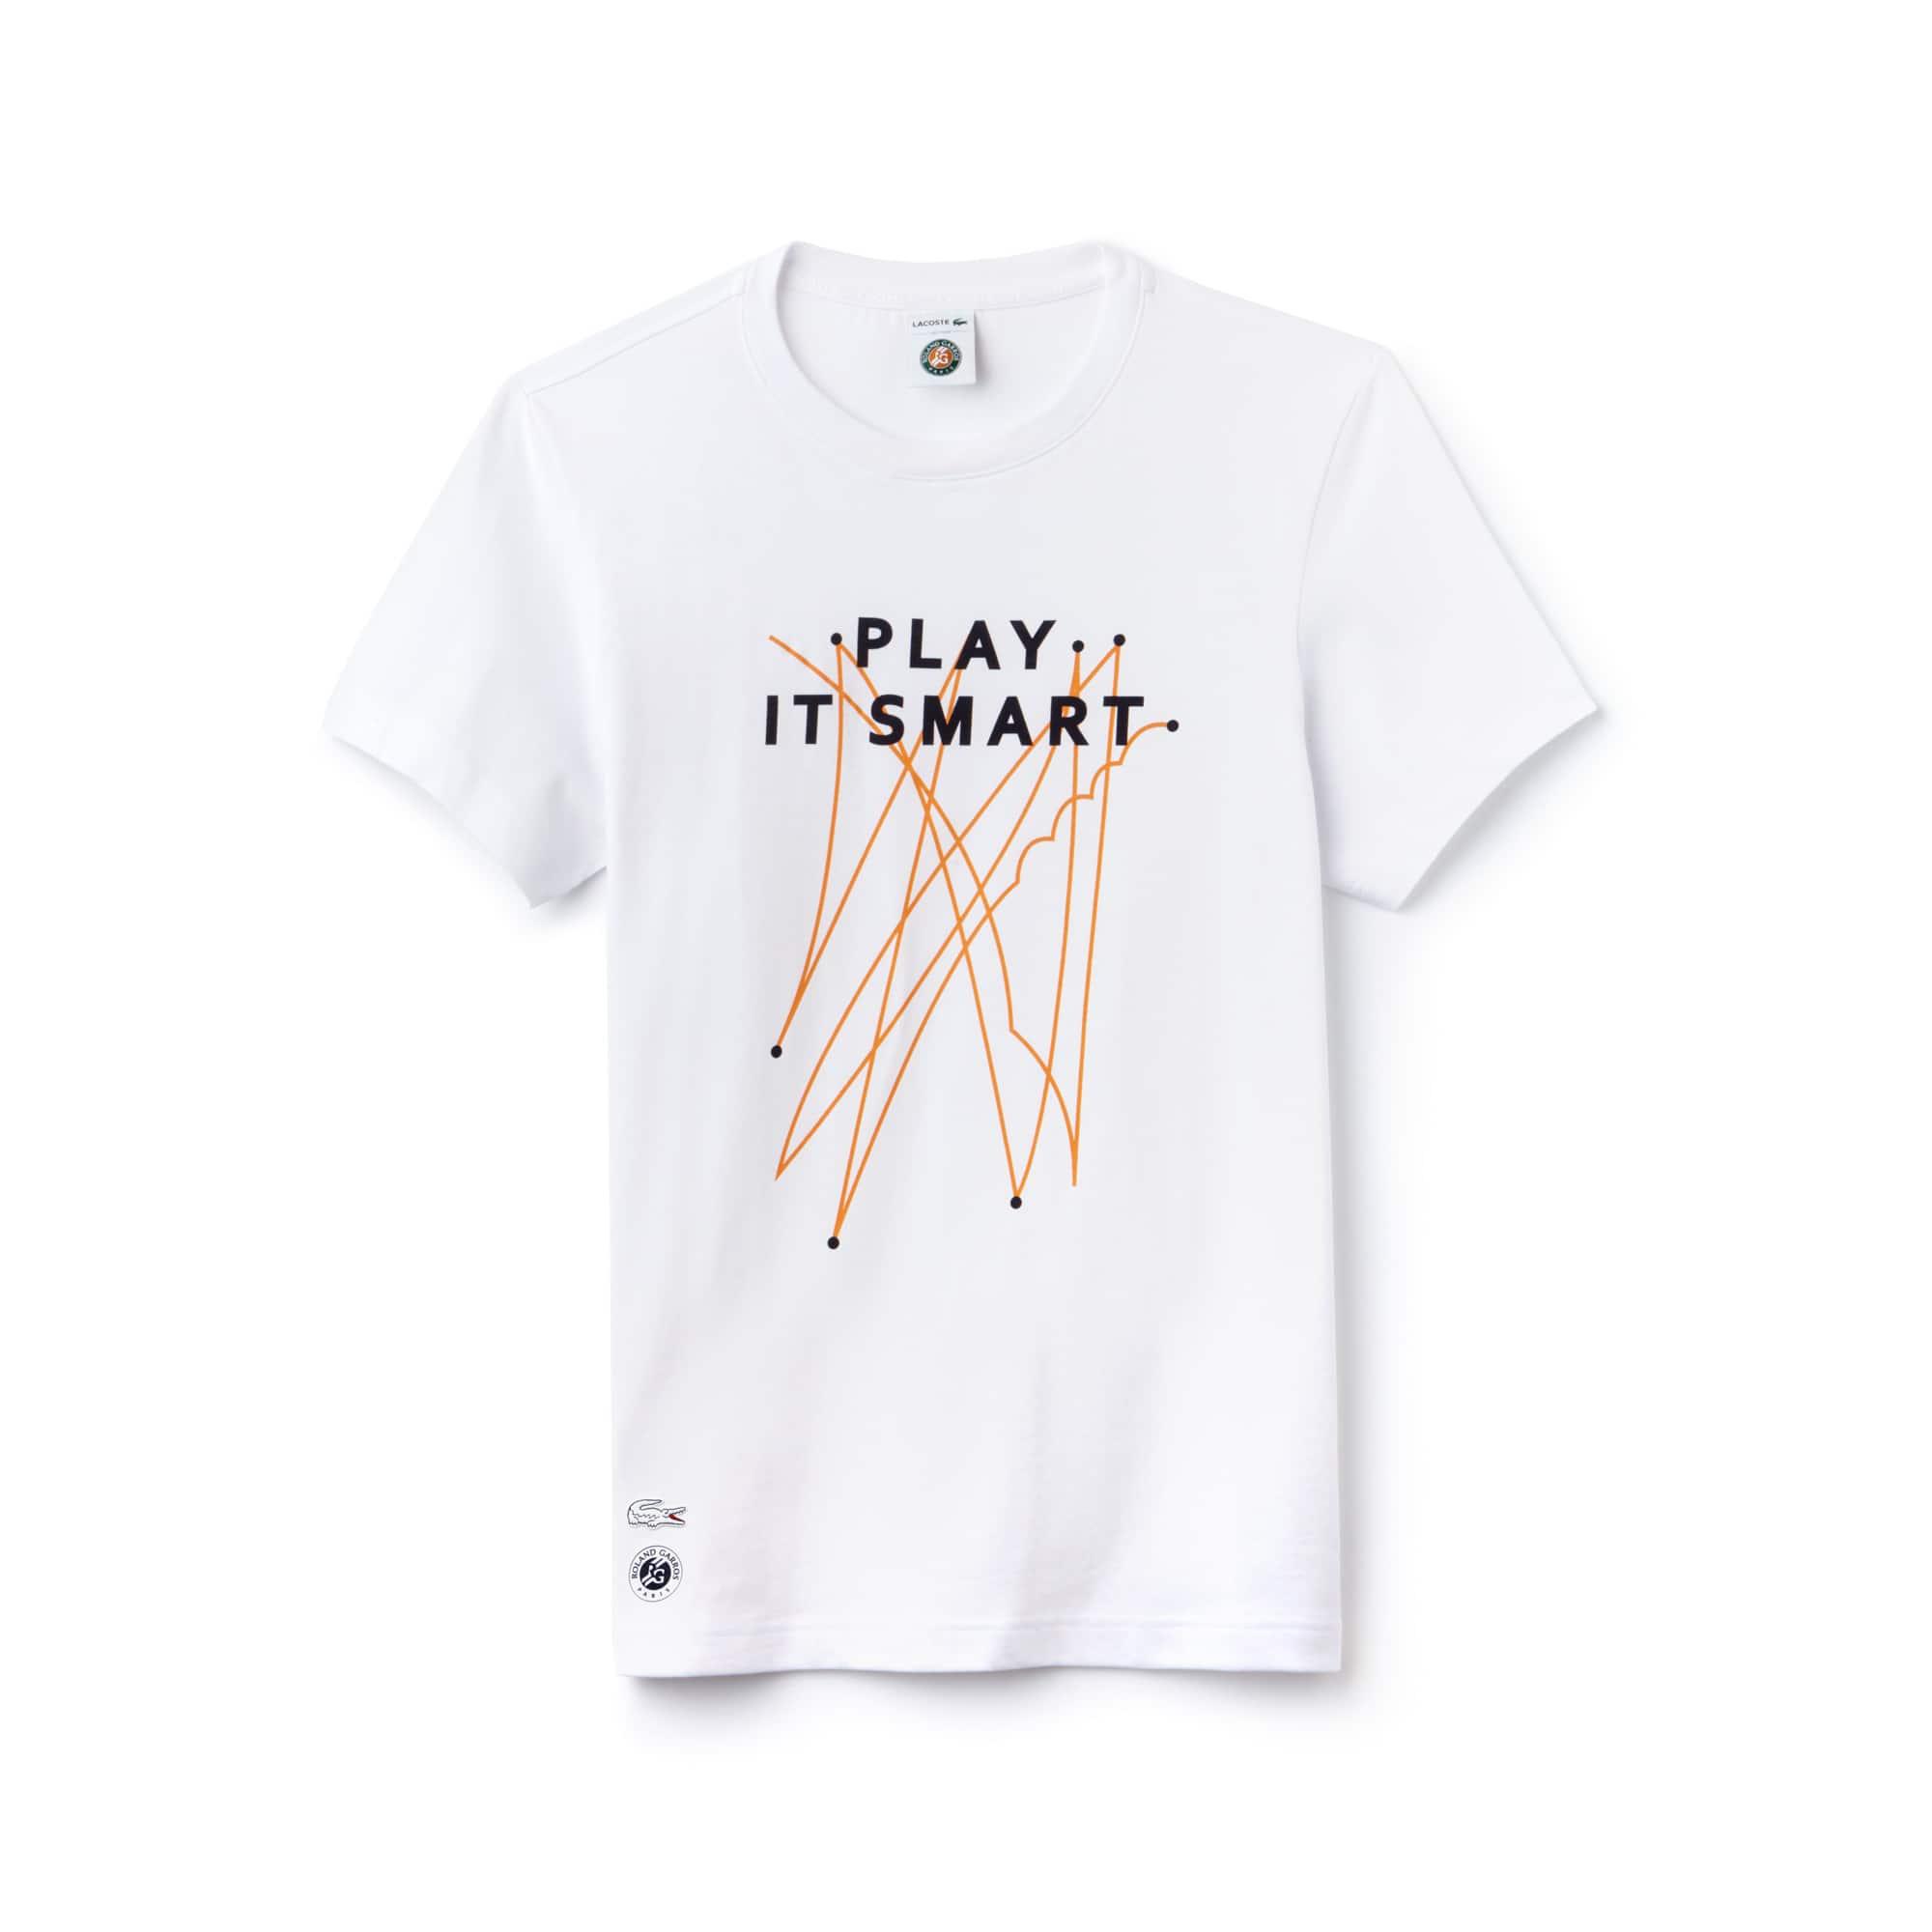 Herren LACOSTE SPORT Roland Garros Edition T-Shirt